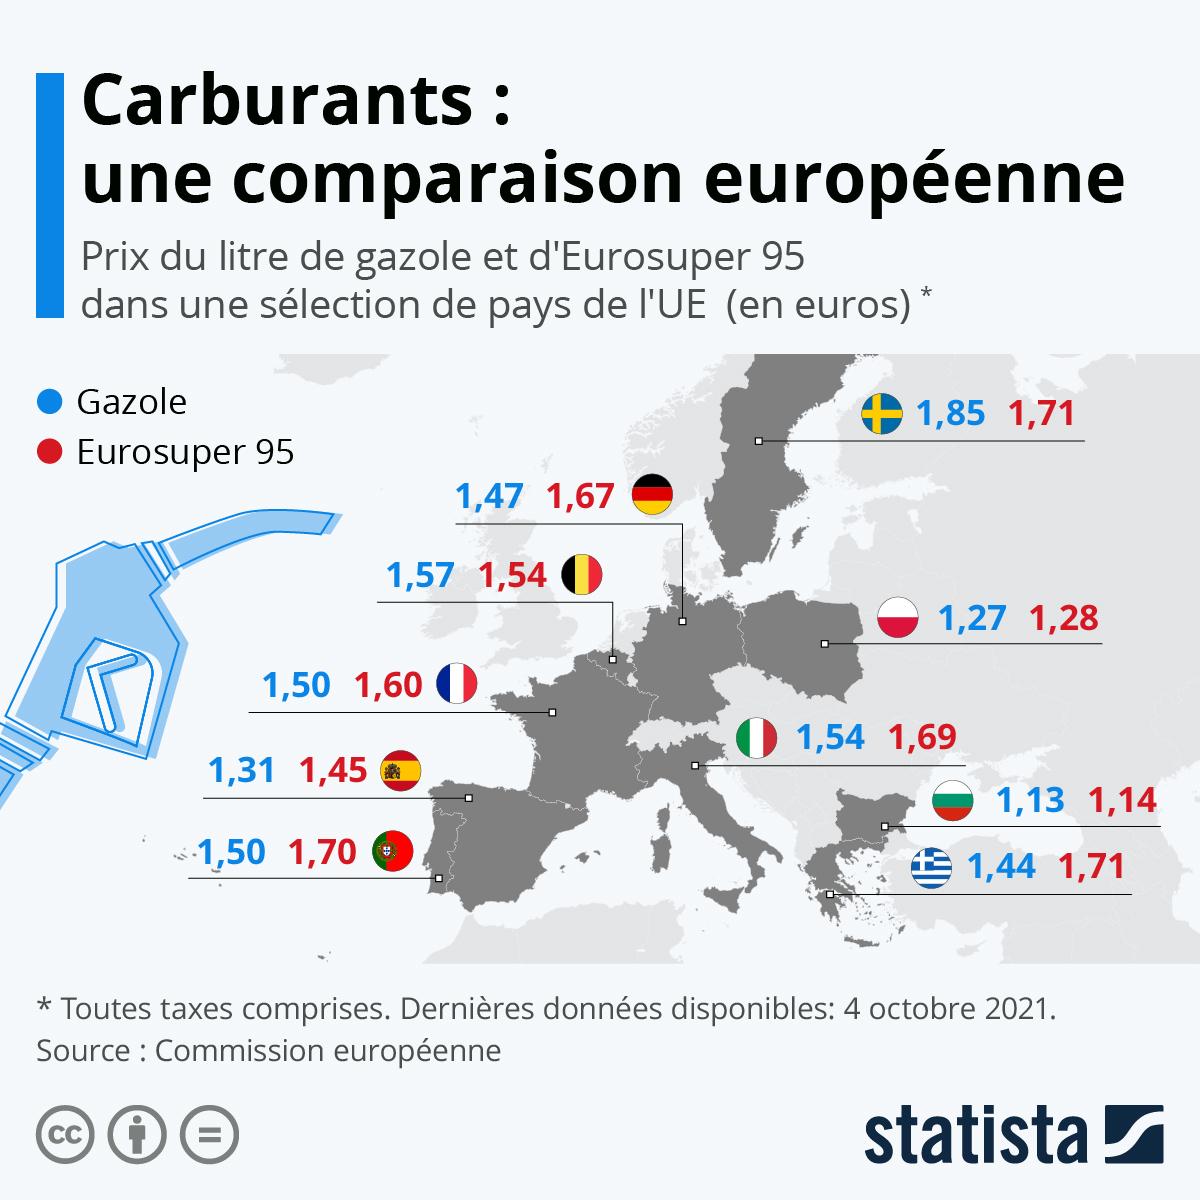 Infographie: Carburants: une comparaison européenne | Statista